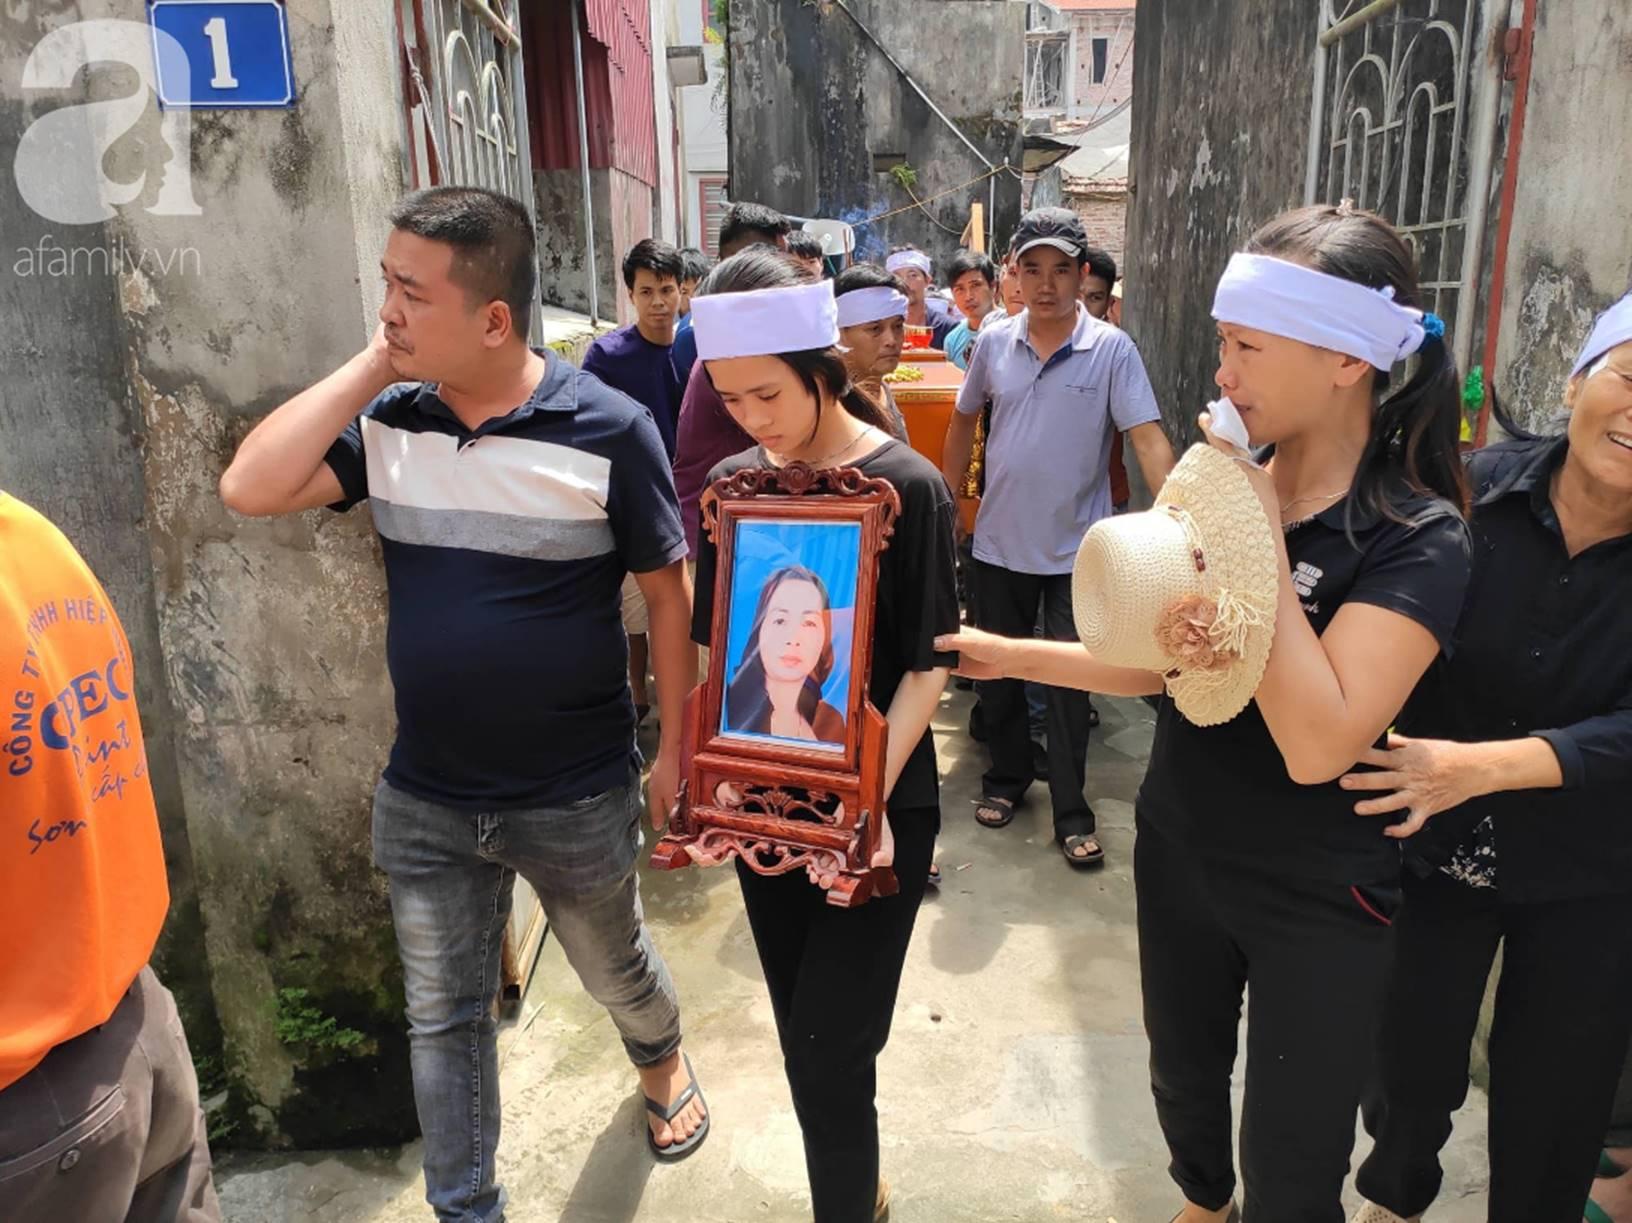 Hình ảnh đau xót: Hàng trăm người dân khóc nghẹn trong buổi tiễn biệt vợ chồng người em bị anh trai truy sát ở Đan Phượng-9